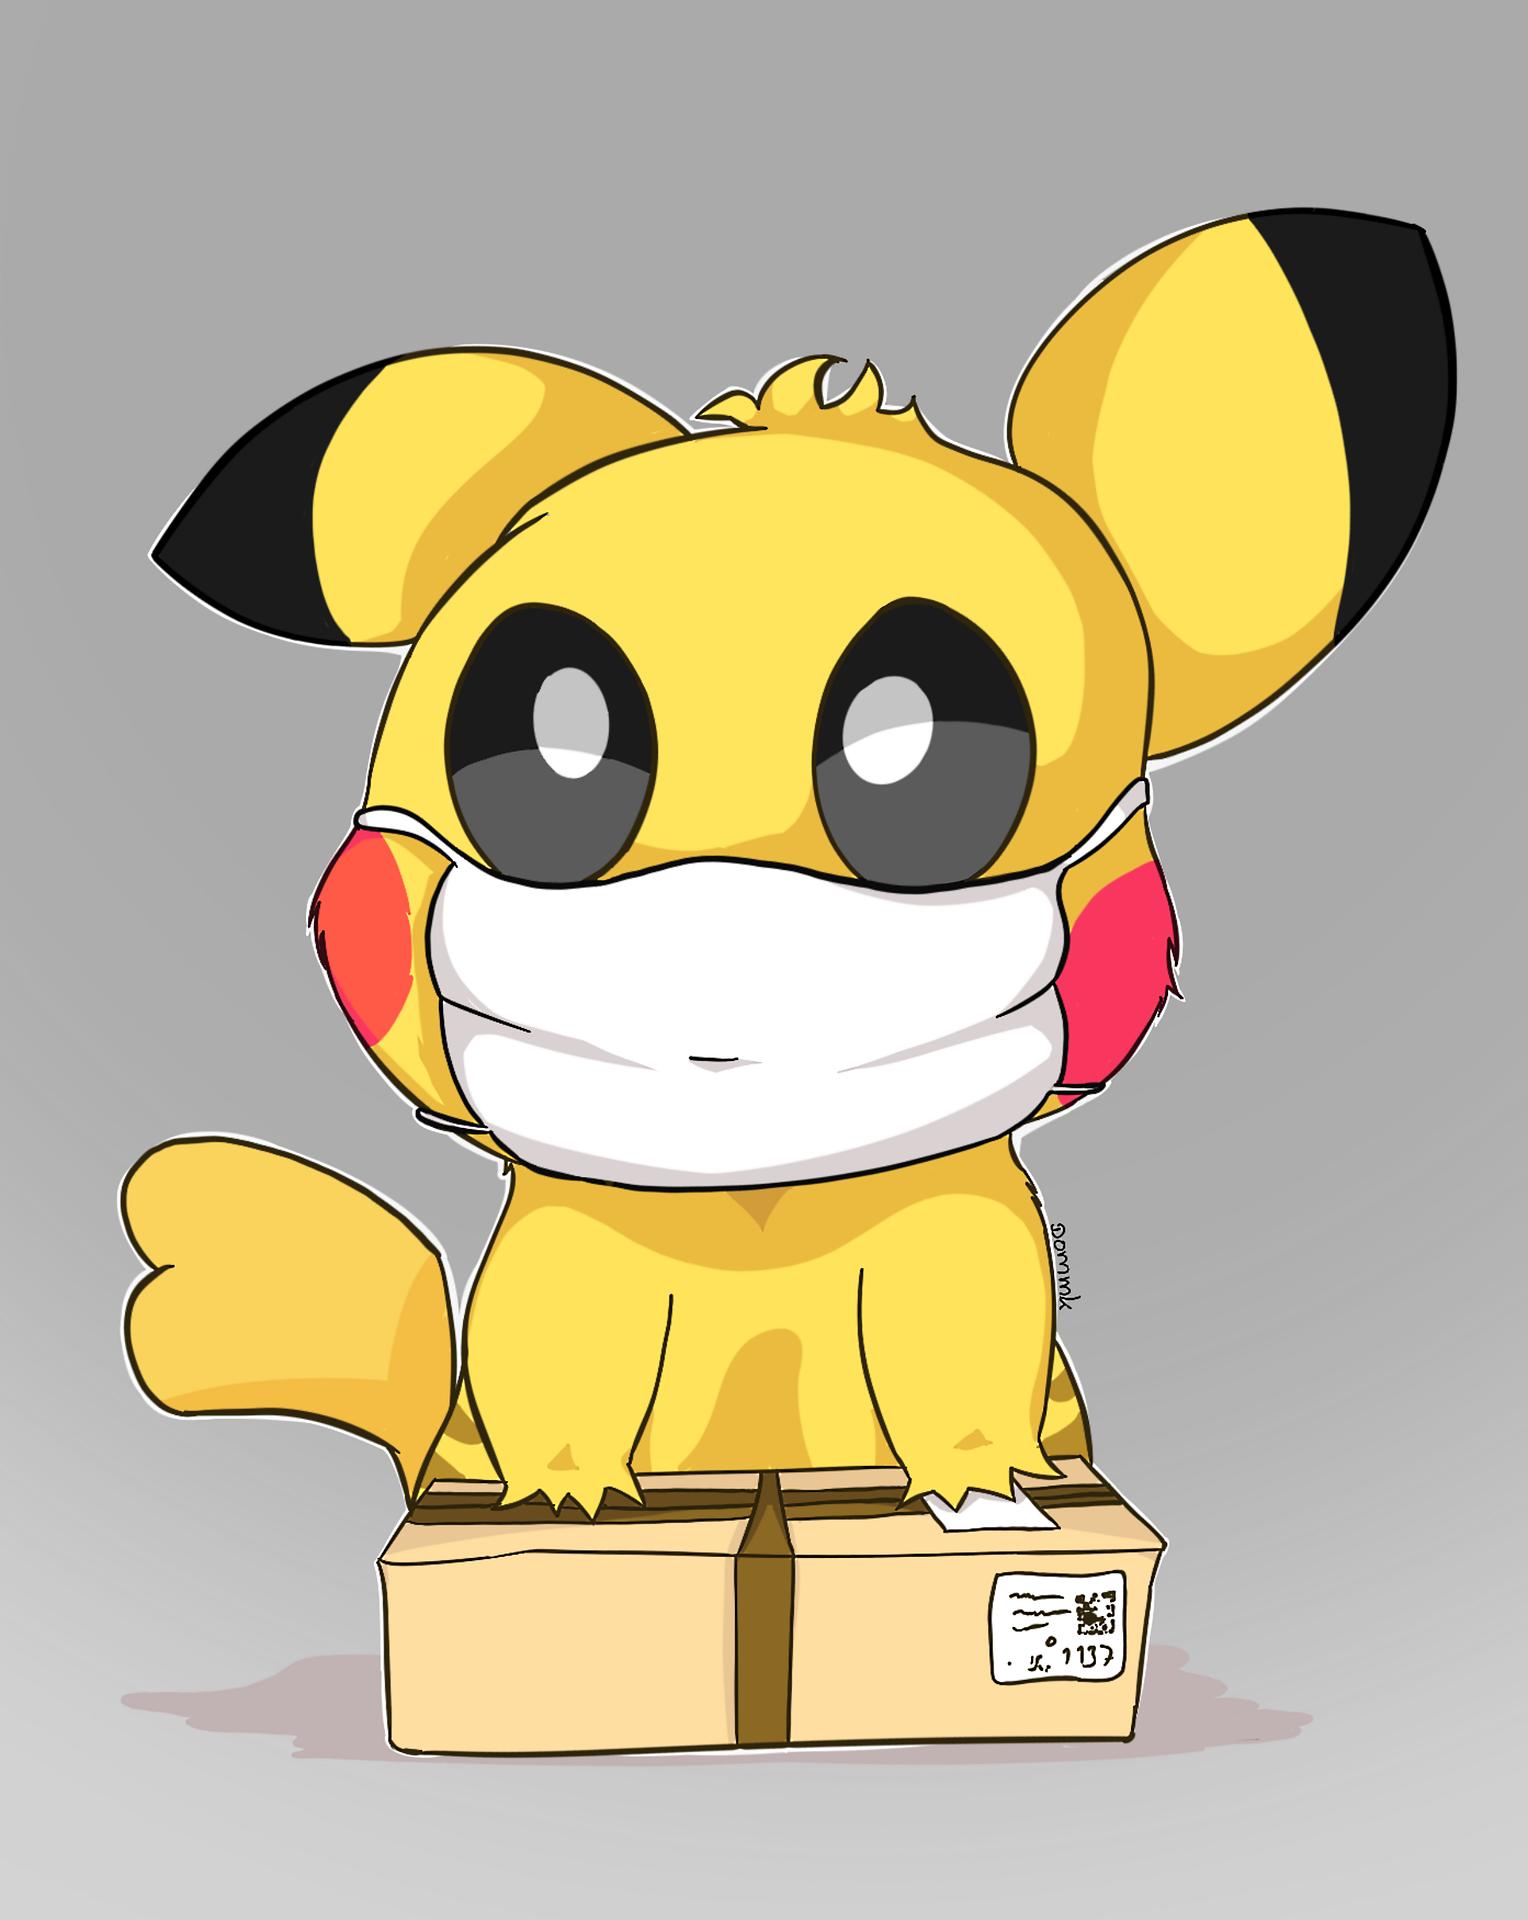 pikachu-5006452-1920.png